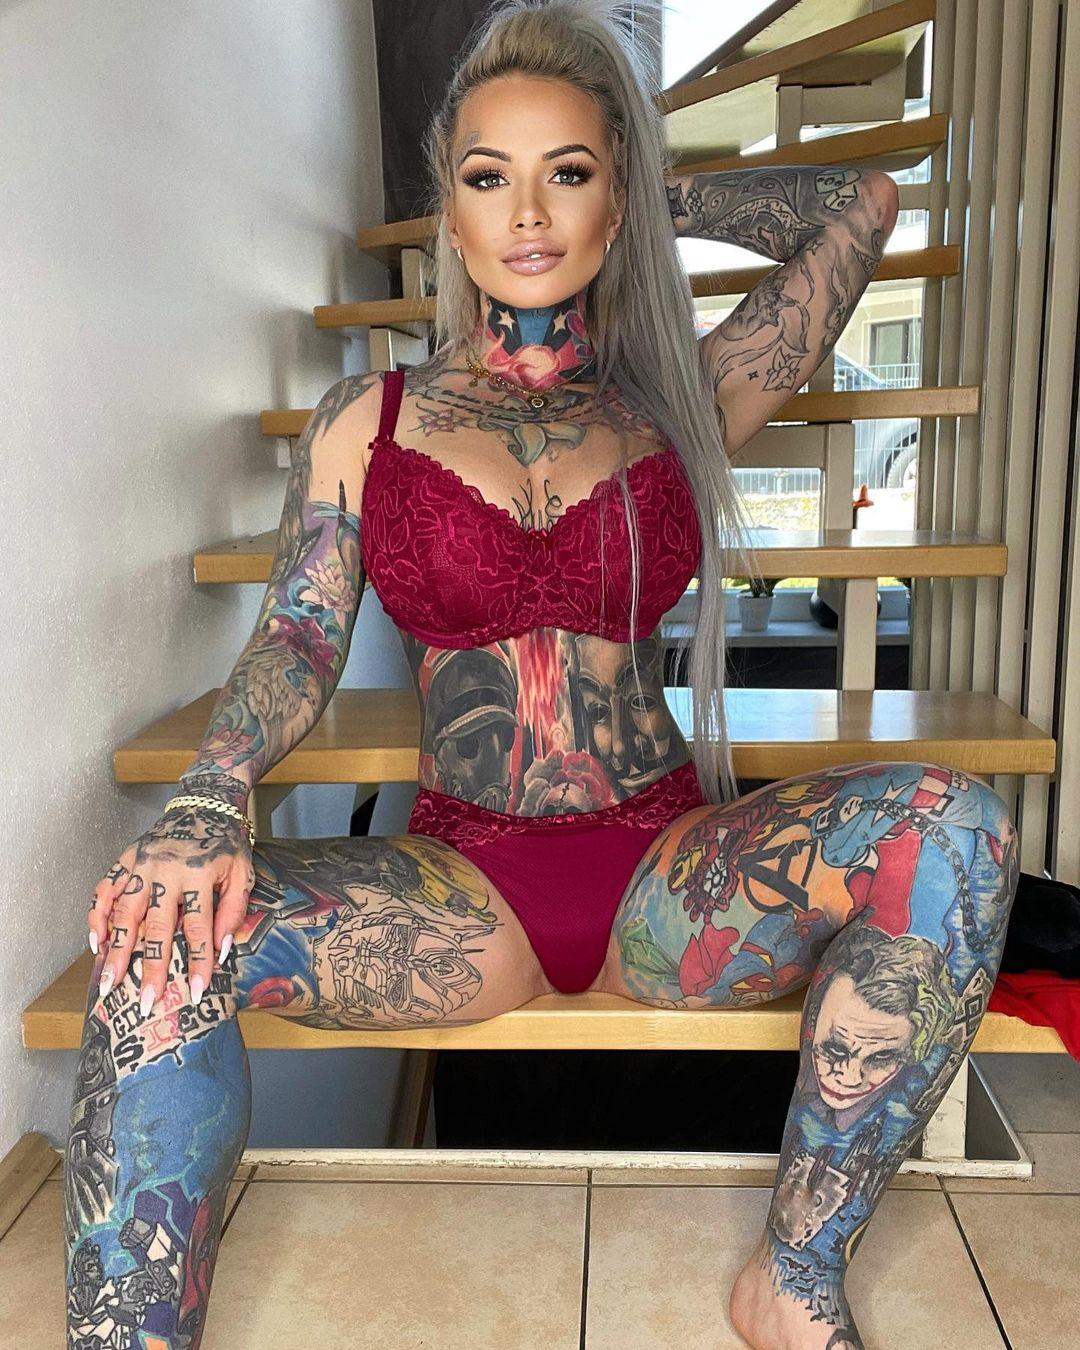 33-летняя Джулиана Фёрстер нанесла на себя татуировки всех любимых персонажей сына